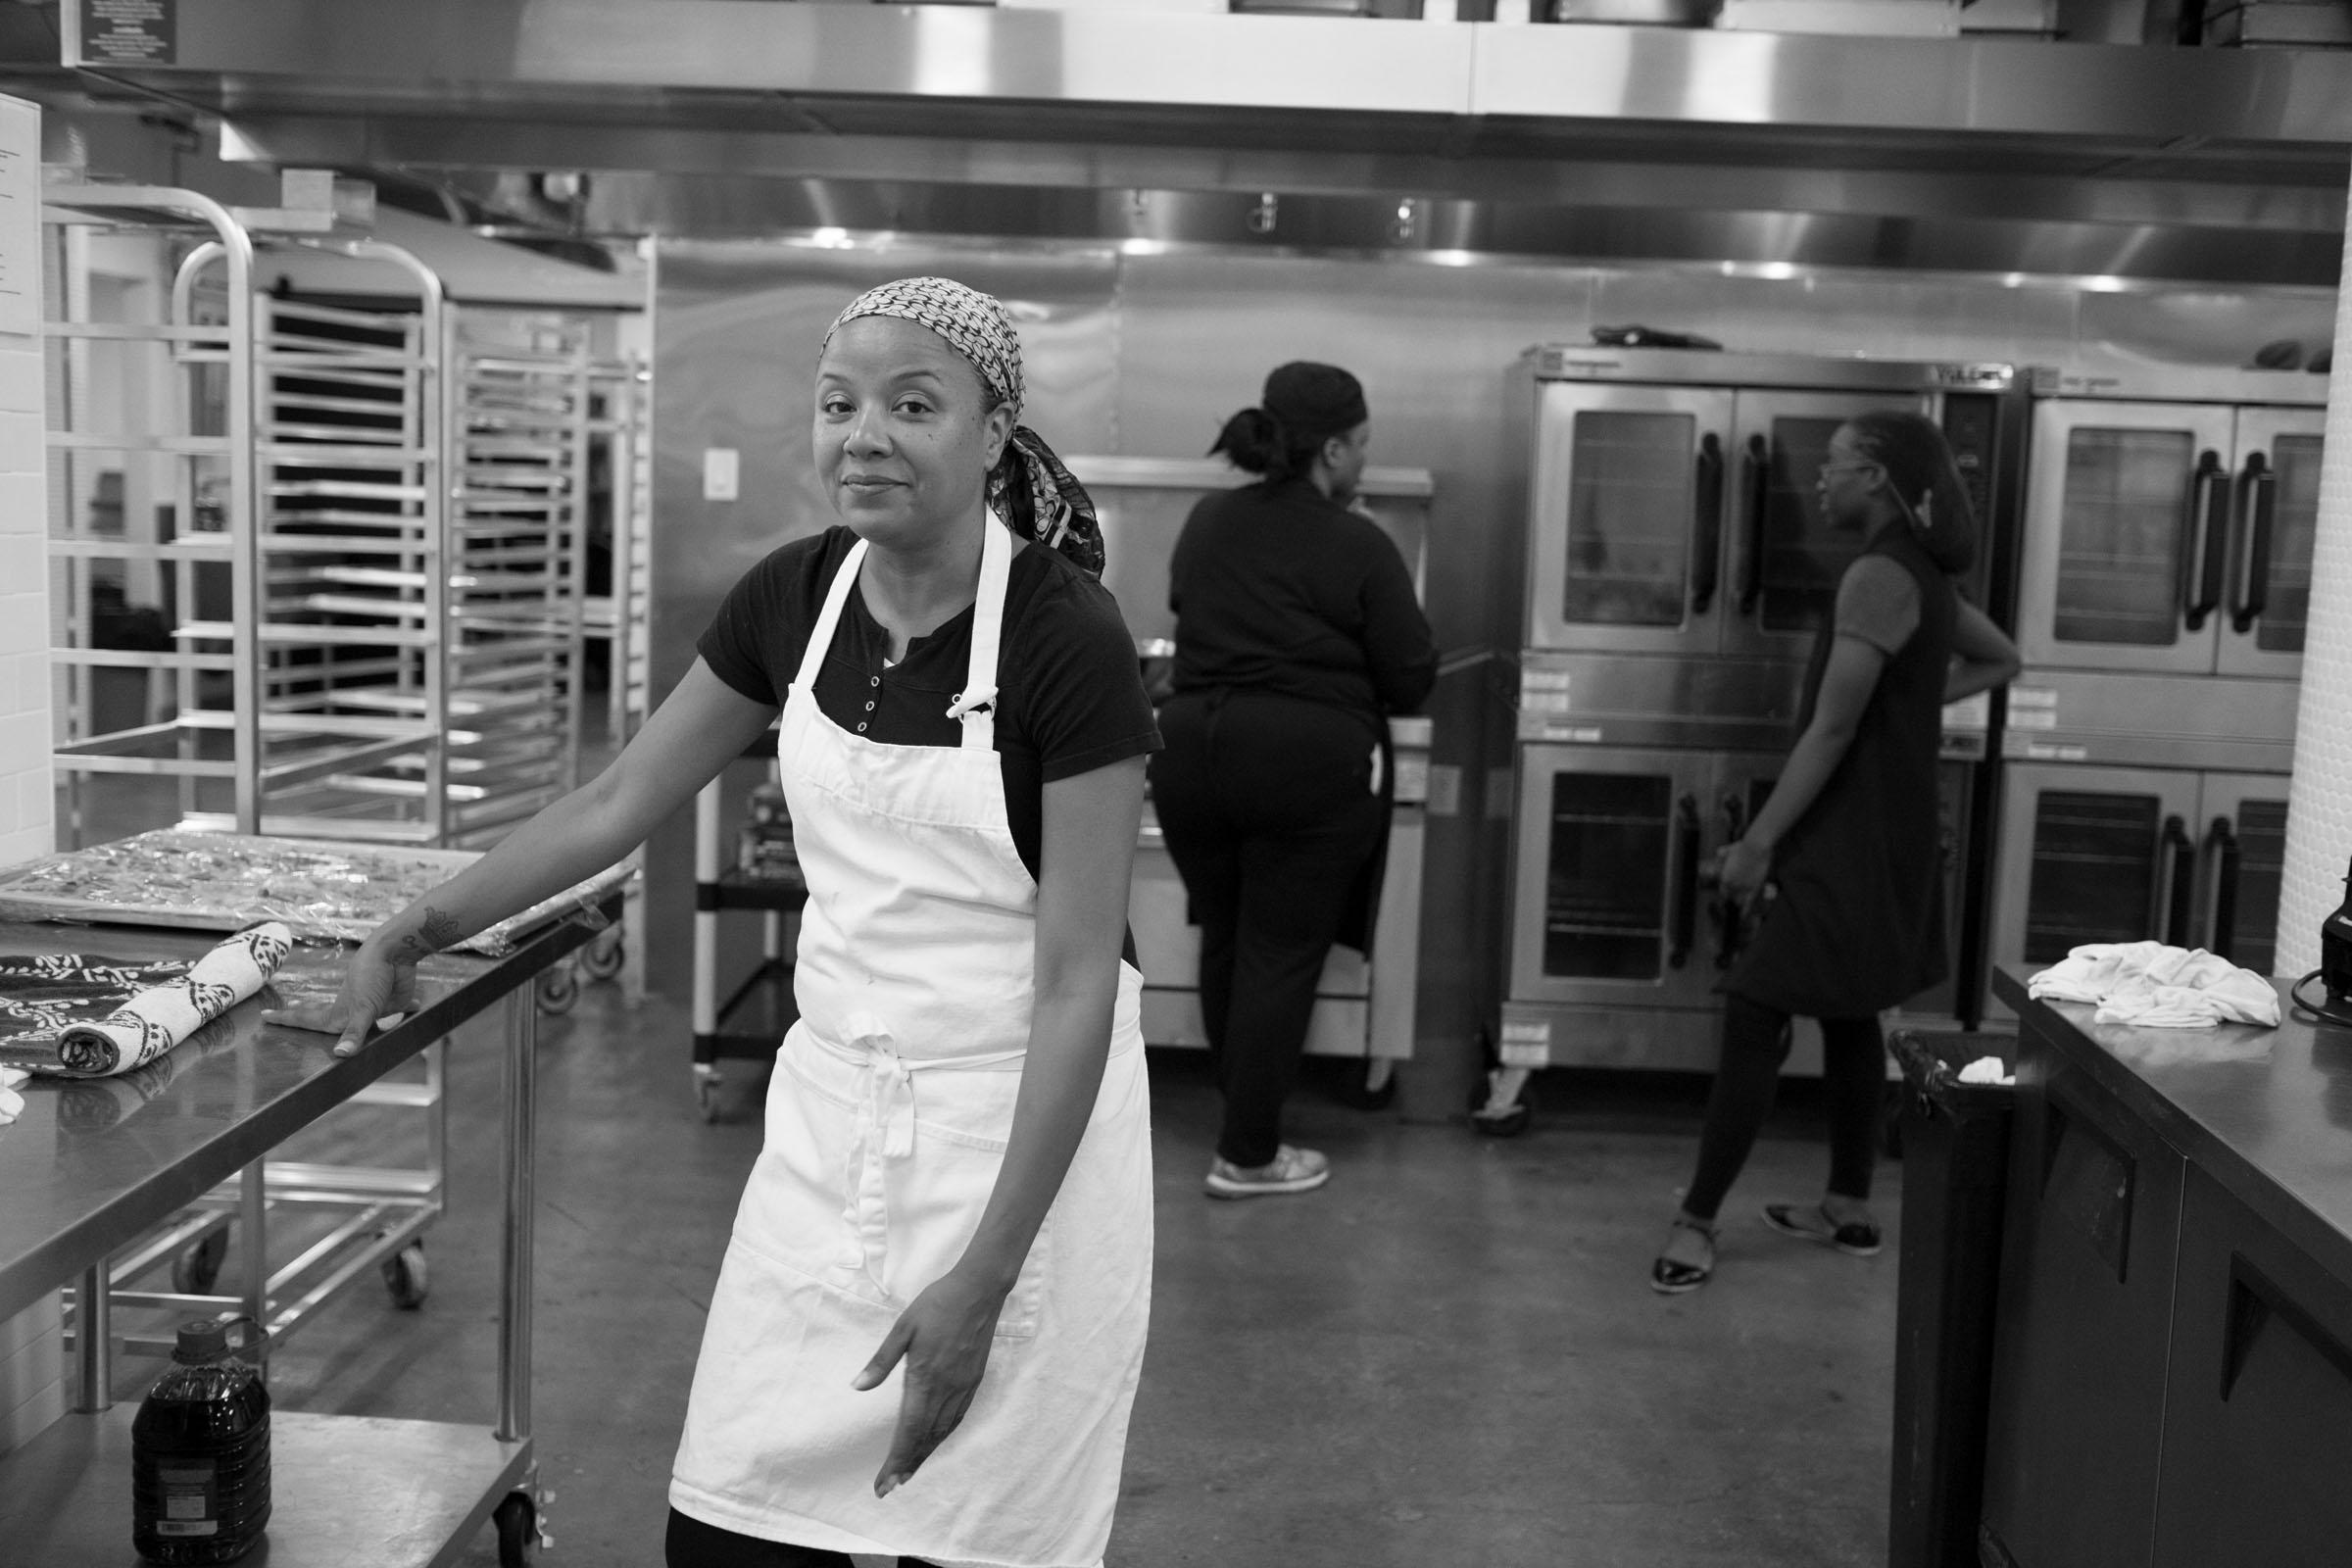 Keila on a catering job. Brooklyn, NY (2016)